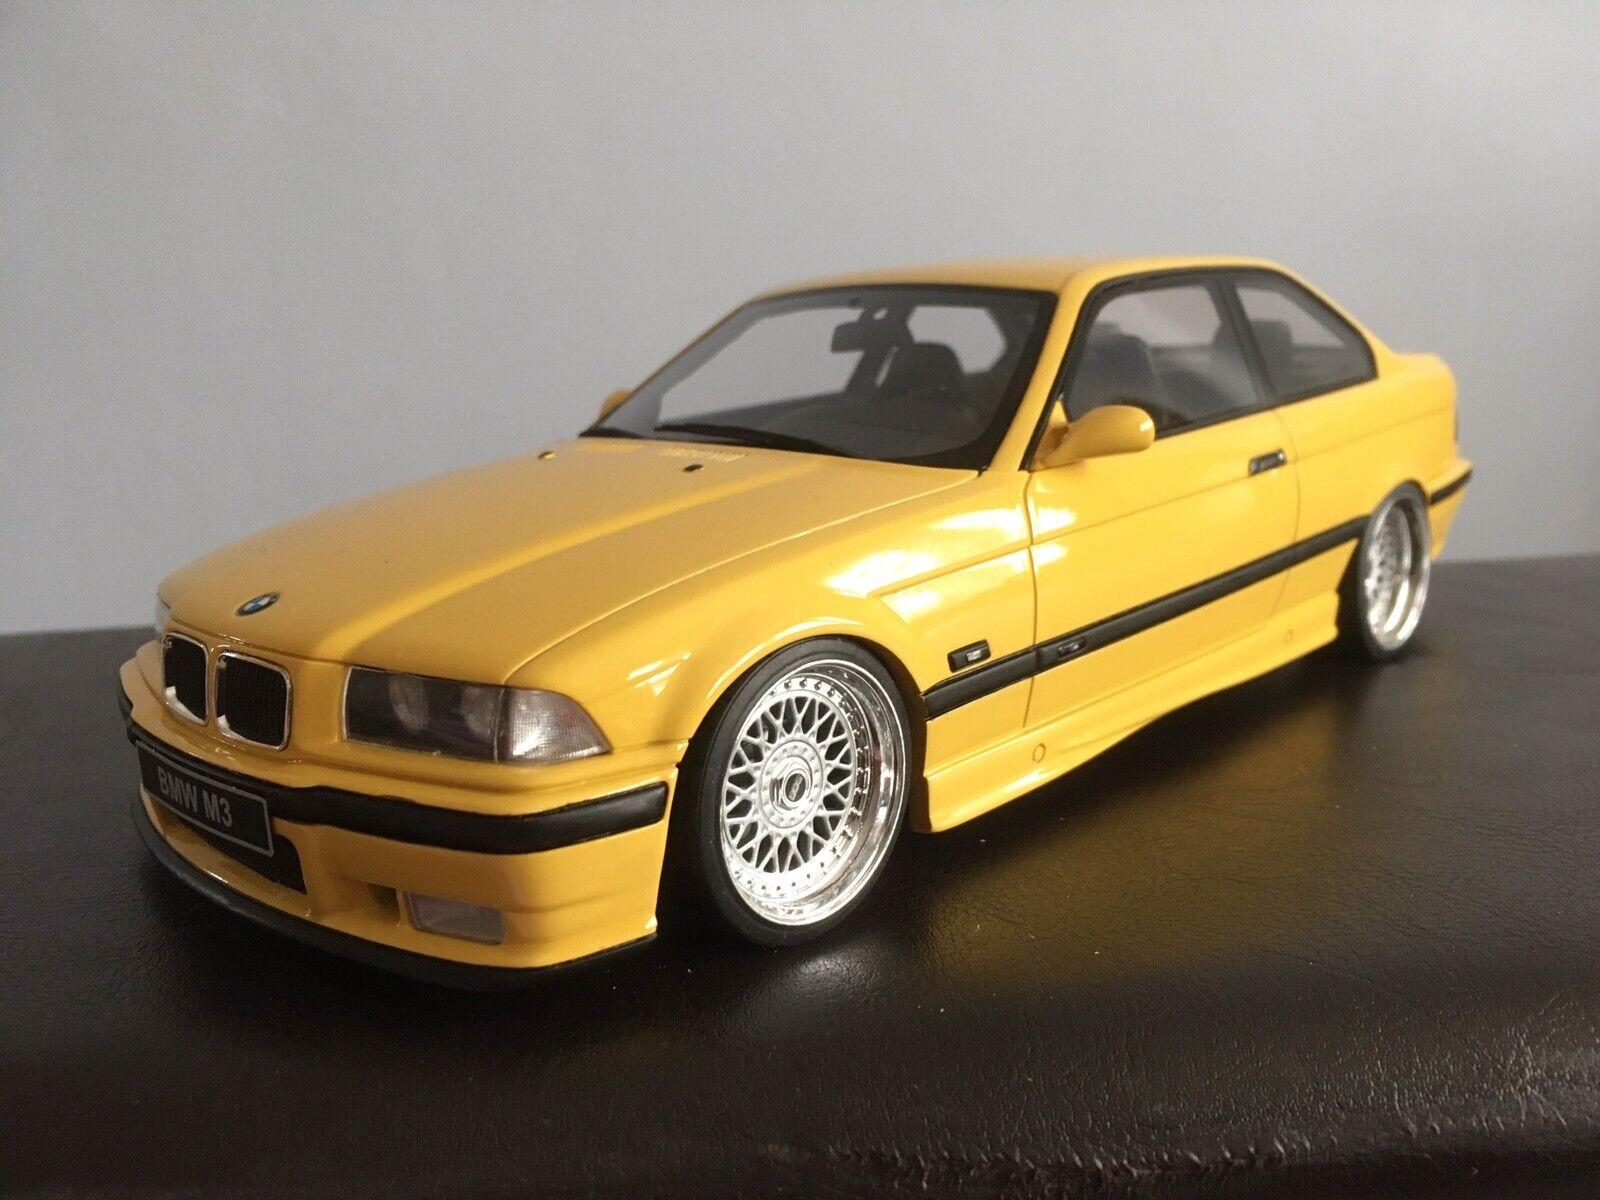 Bmw E36 M3 Coupe Yellow Resin Modelcar Ot666 Otto 1 18 For Sale Ebay